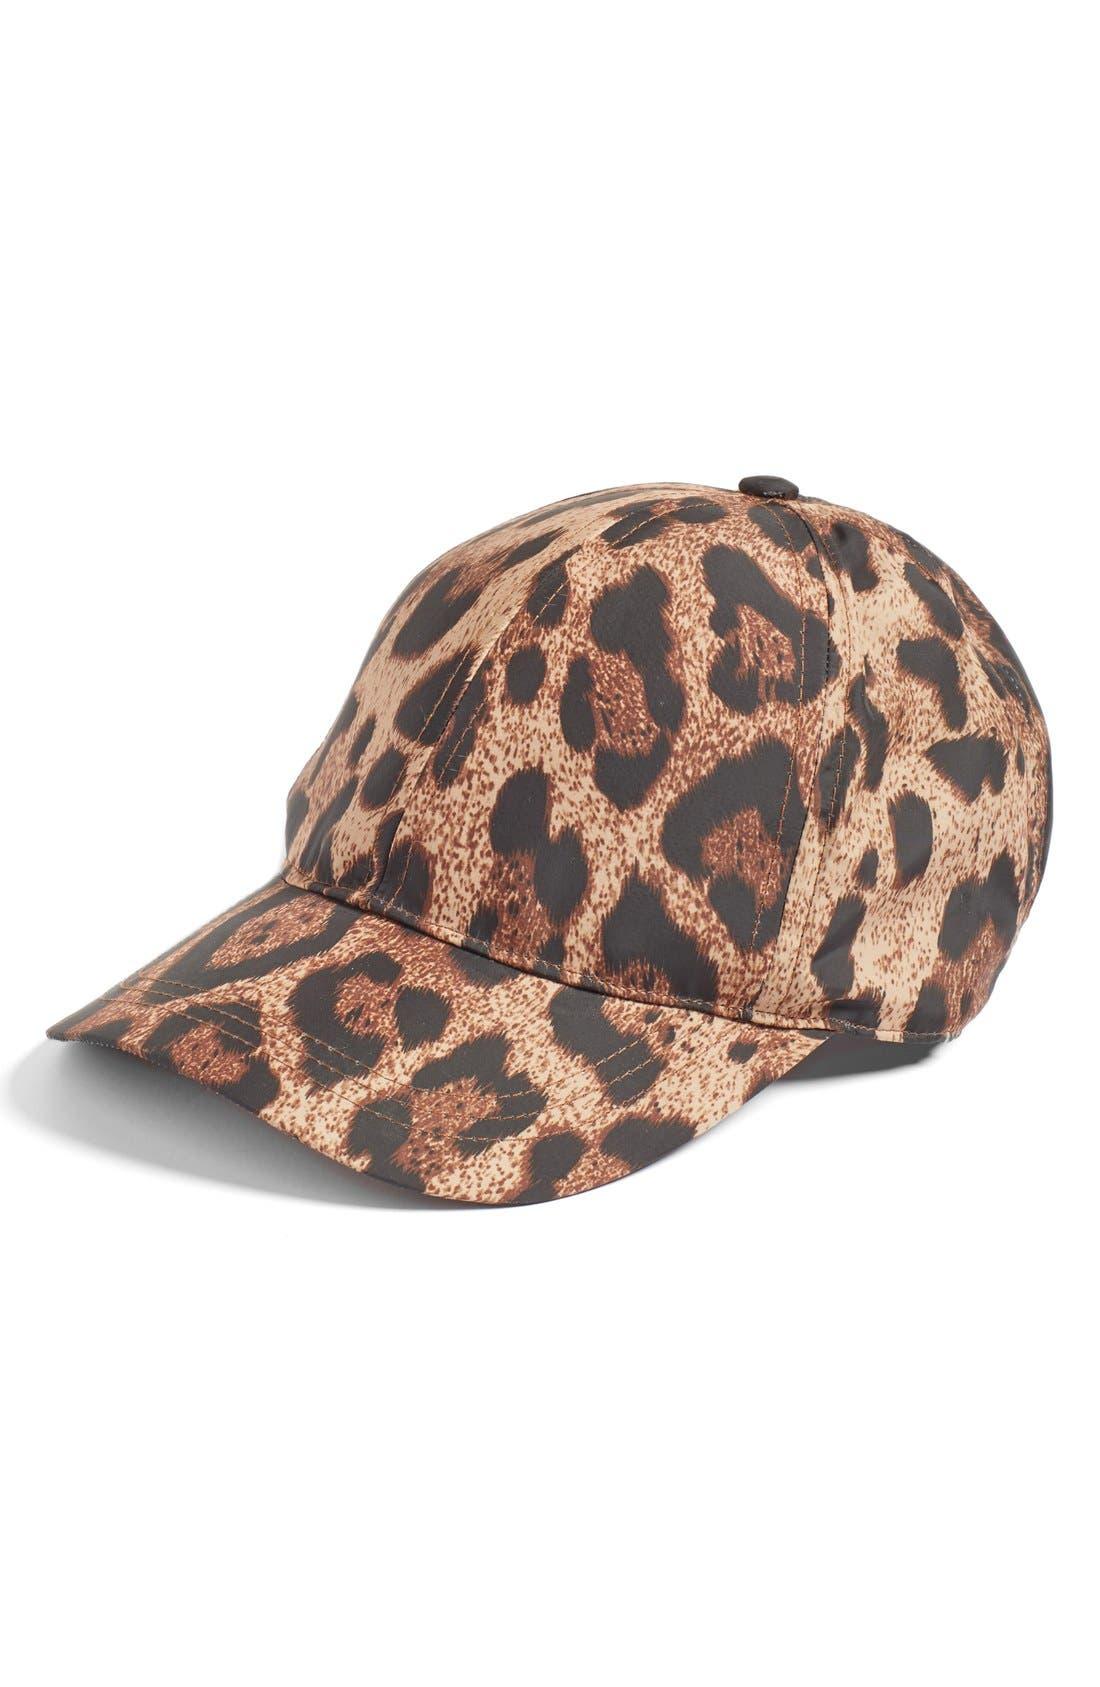 August Hat Nylon Baseball Cap